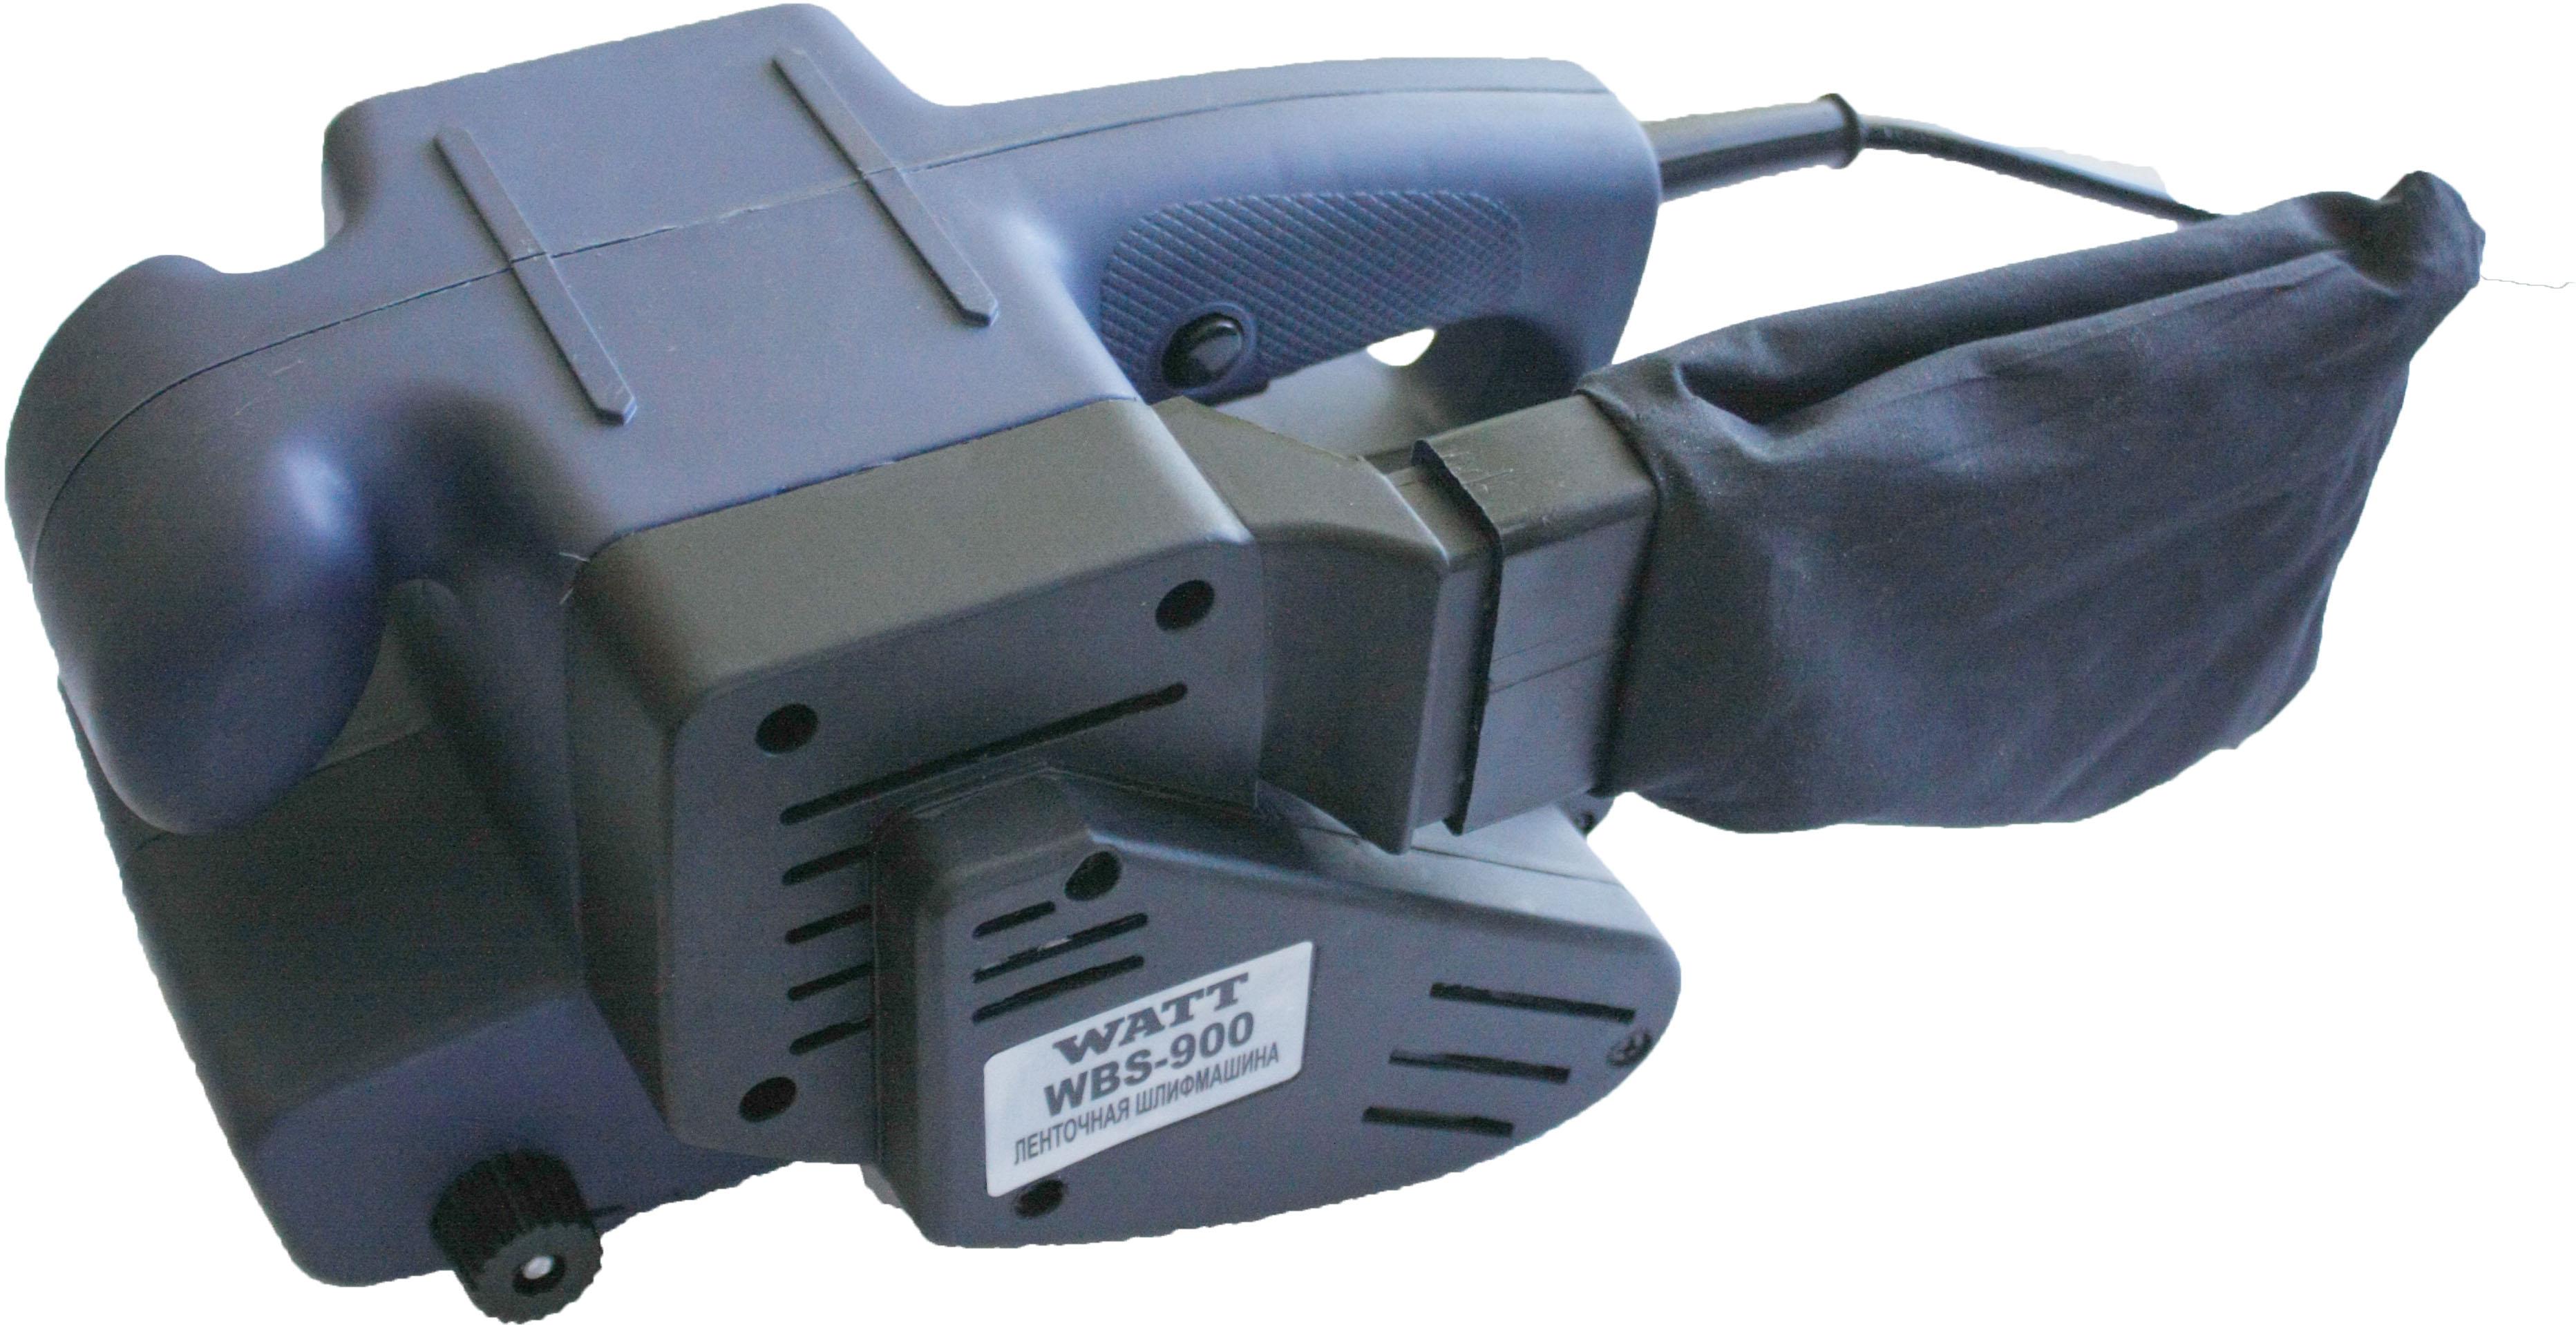 Ленточная шлифовальная машина WATT WBS-900 (4.900.457.00)